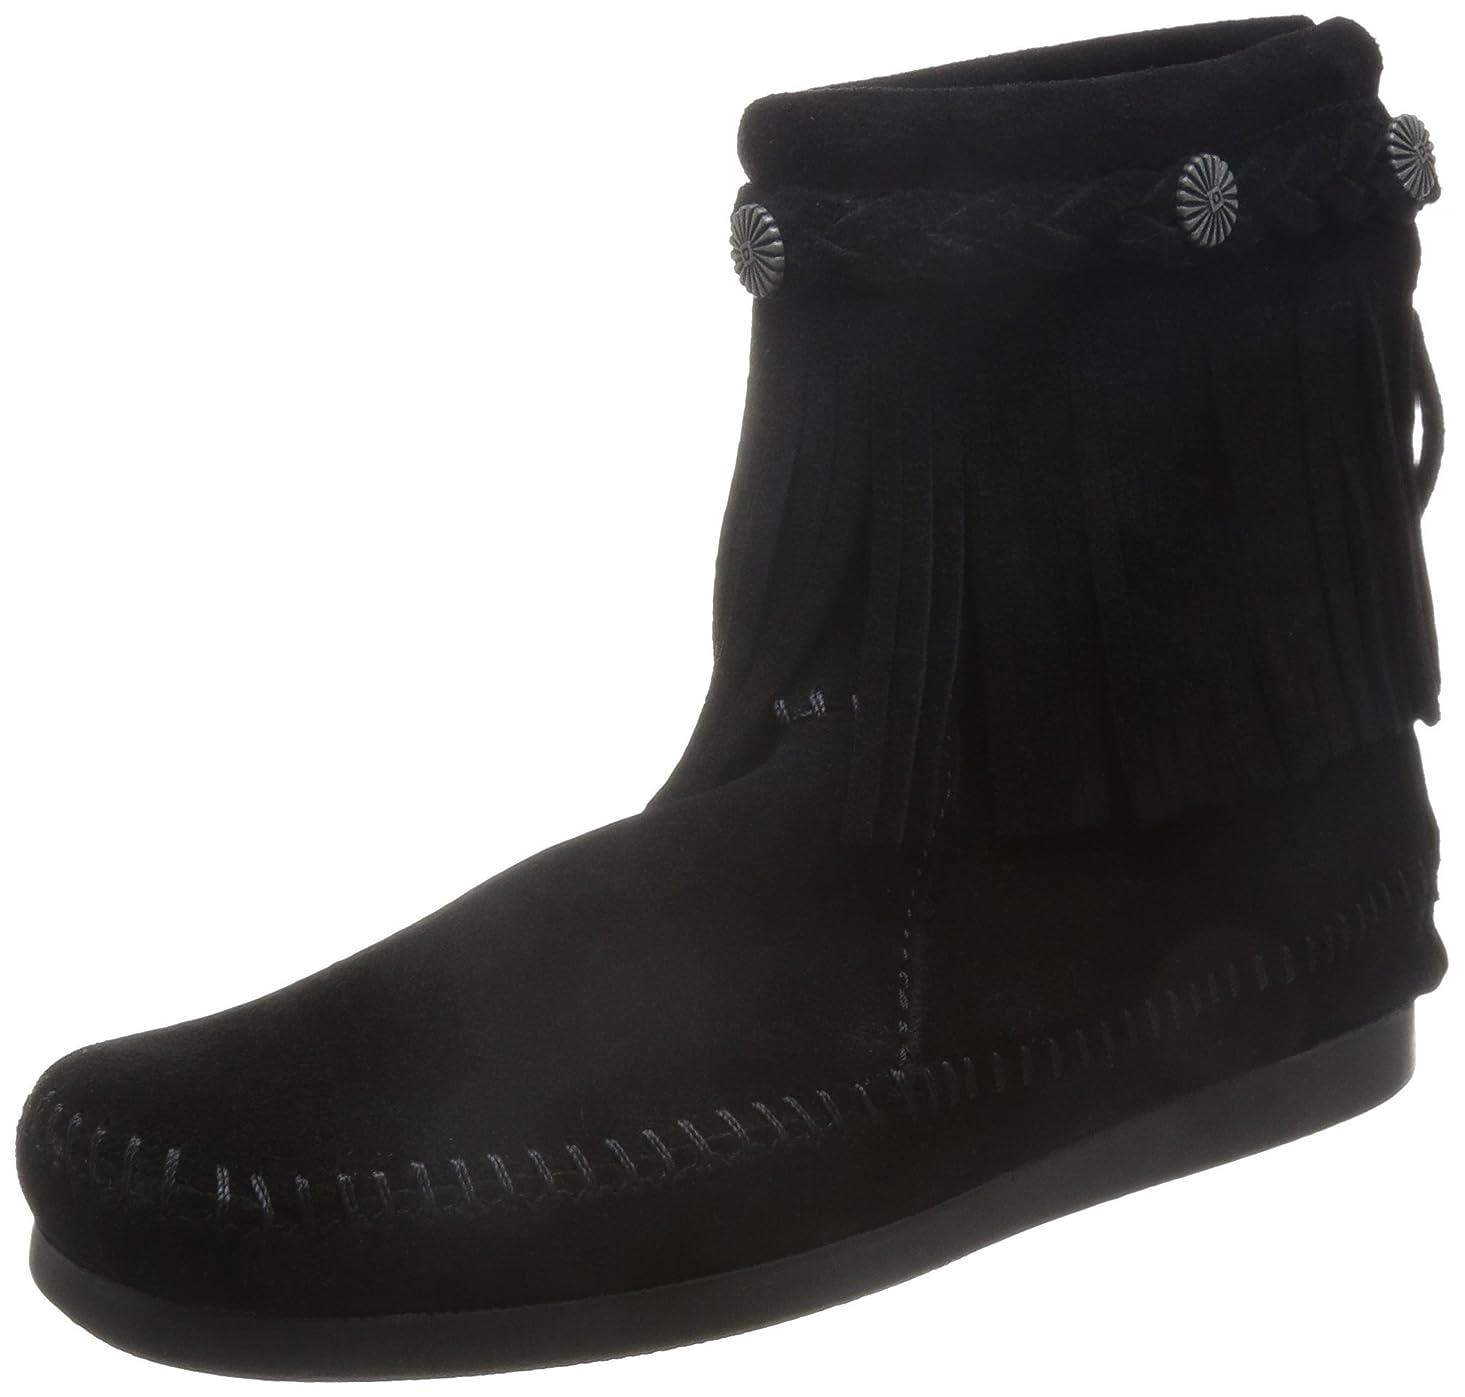 に渡ってジョブ退屈なミネトンカHI TOP BACK ZIP BOOTハイトップ バック ジッパー ブーツ[Color:291T/292/293/299] [並行輸入品] US7 299 BLACK